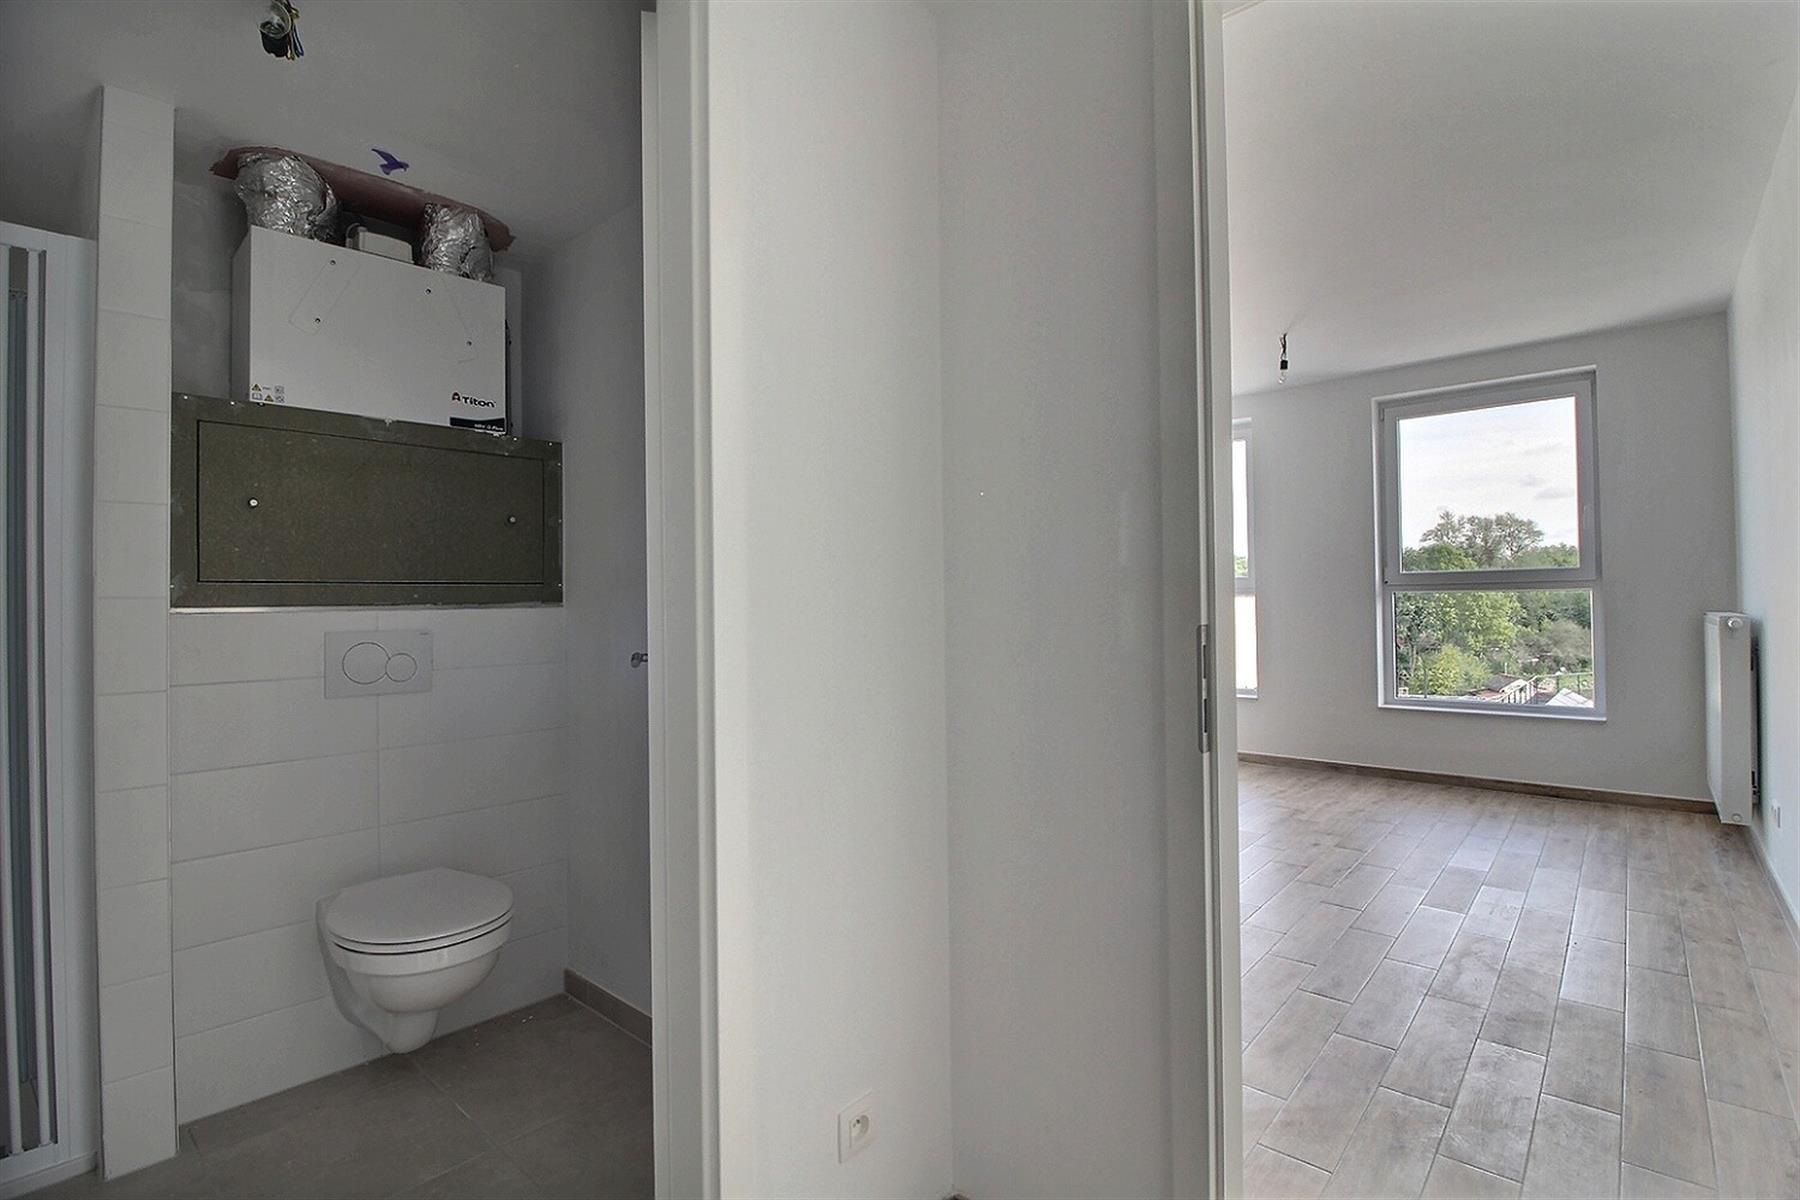 Studio - Ottignies-Louvain-la-Neuve Louvain-la-Neuve - #4310788-4